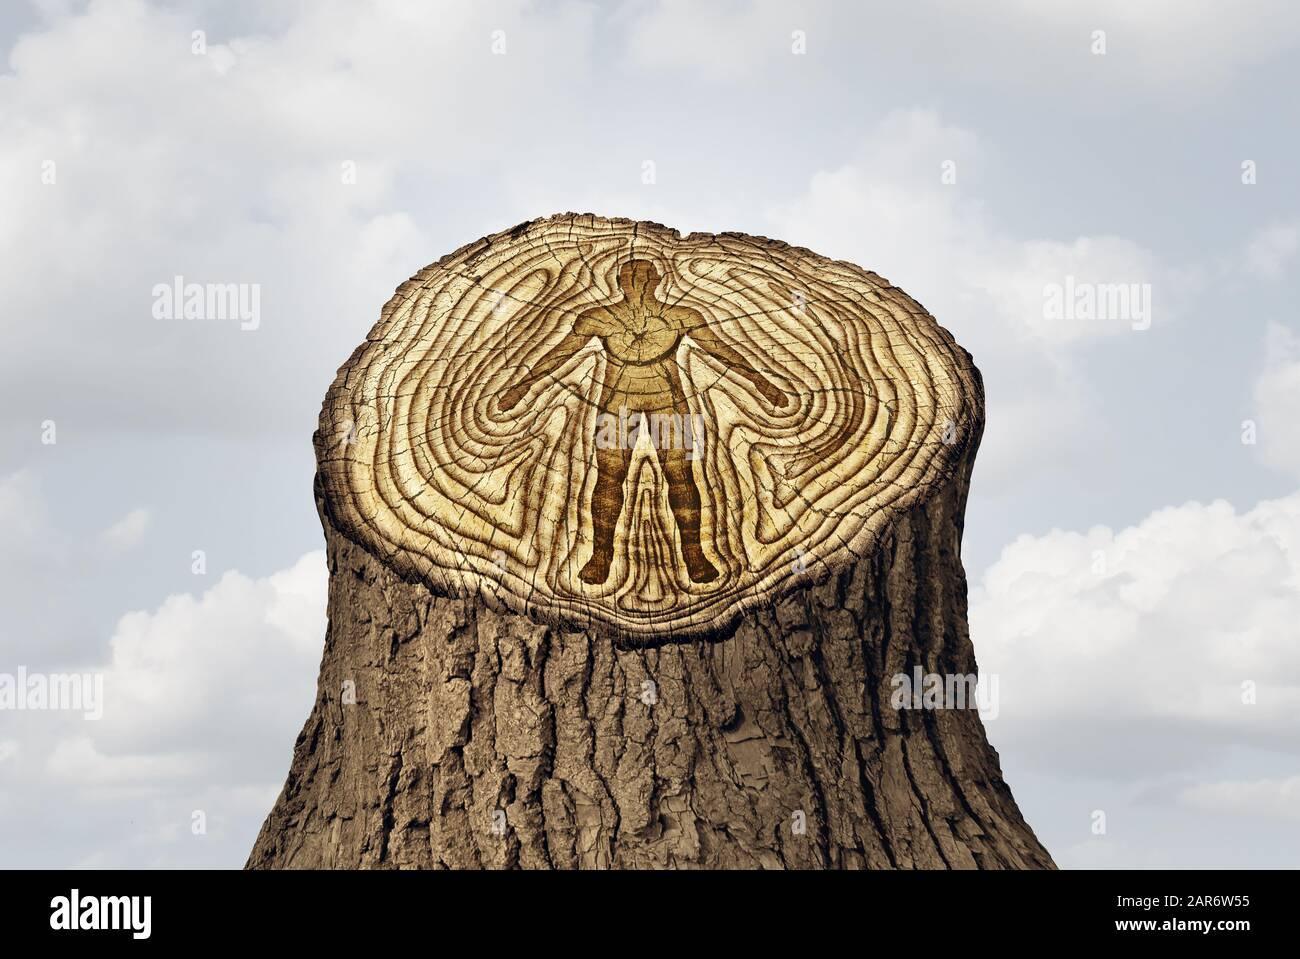 El envejecimiento o el envejecimiento como un joven y la edad avanzada cambia el concepto y un rejuvenecimiento como un ciclo de vida y la idea de salud humana como anillos arbóreos. Foto de stock